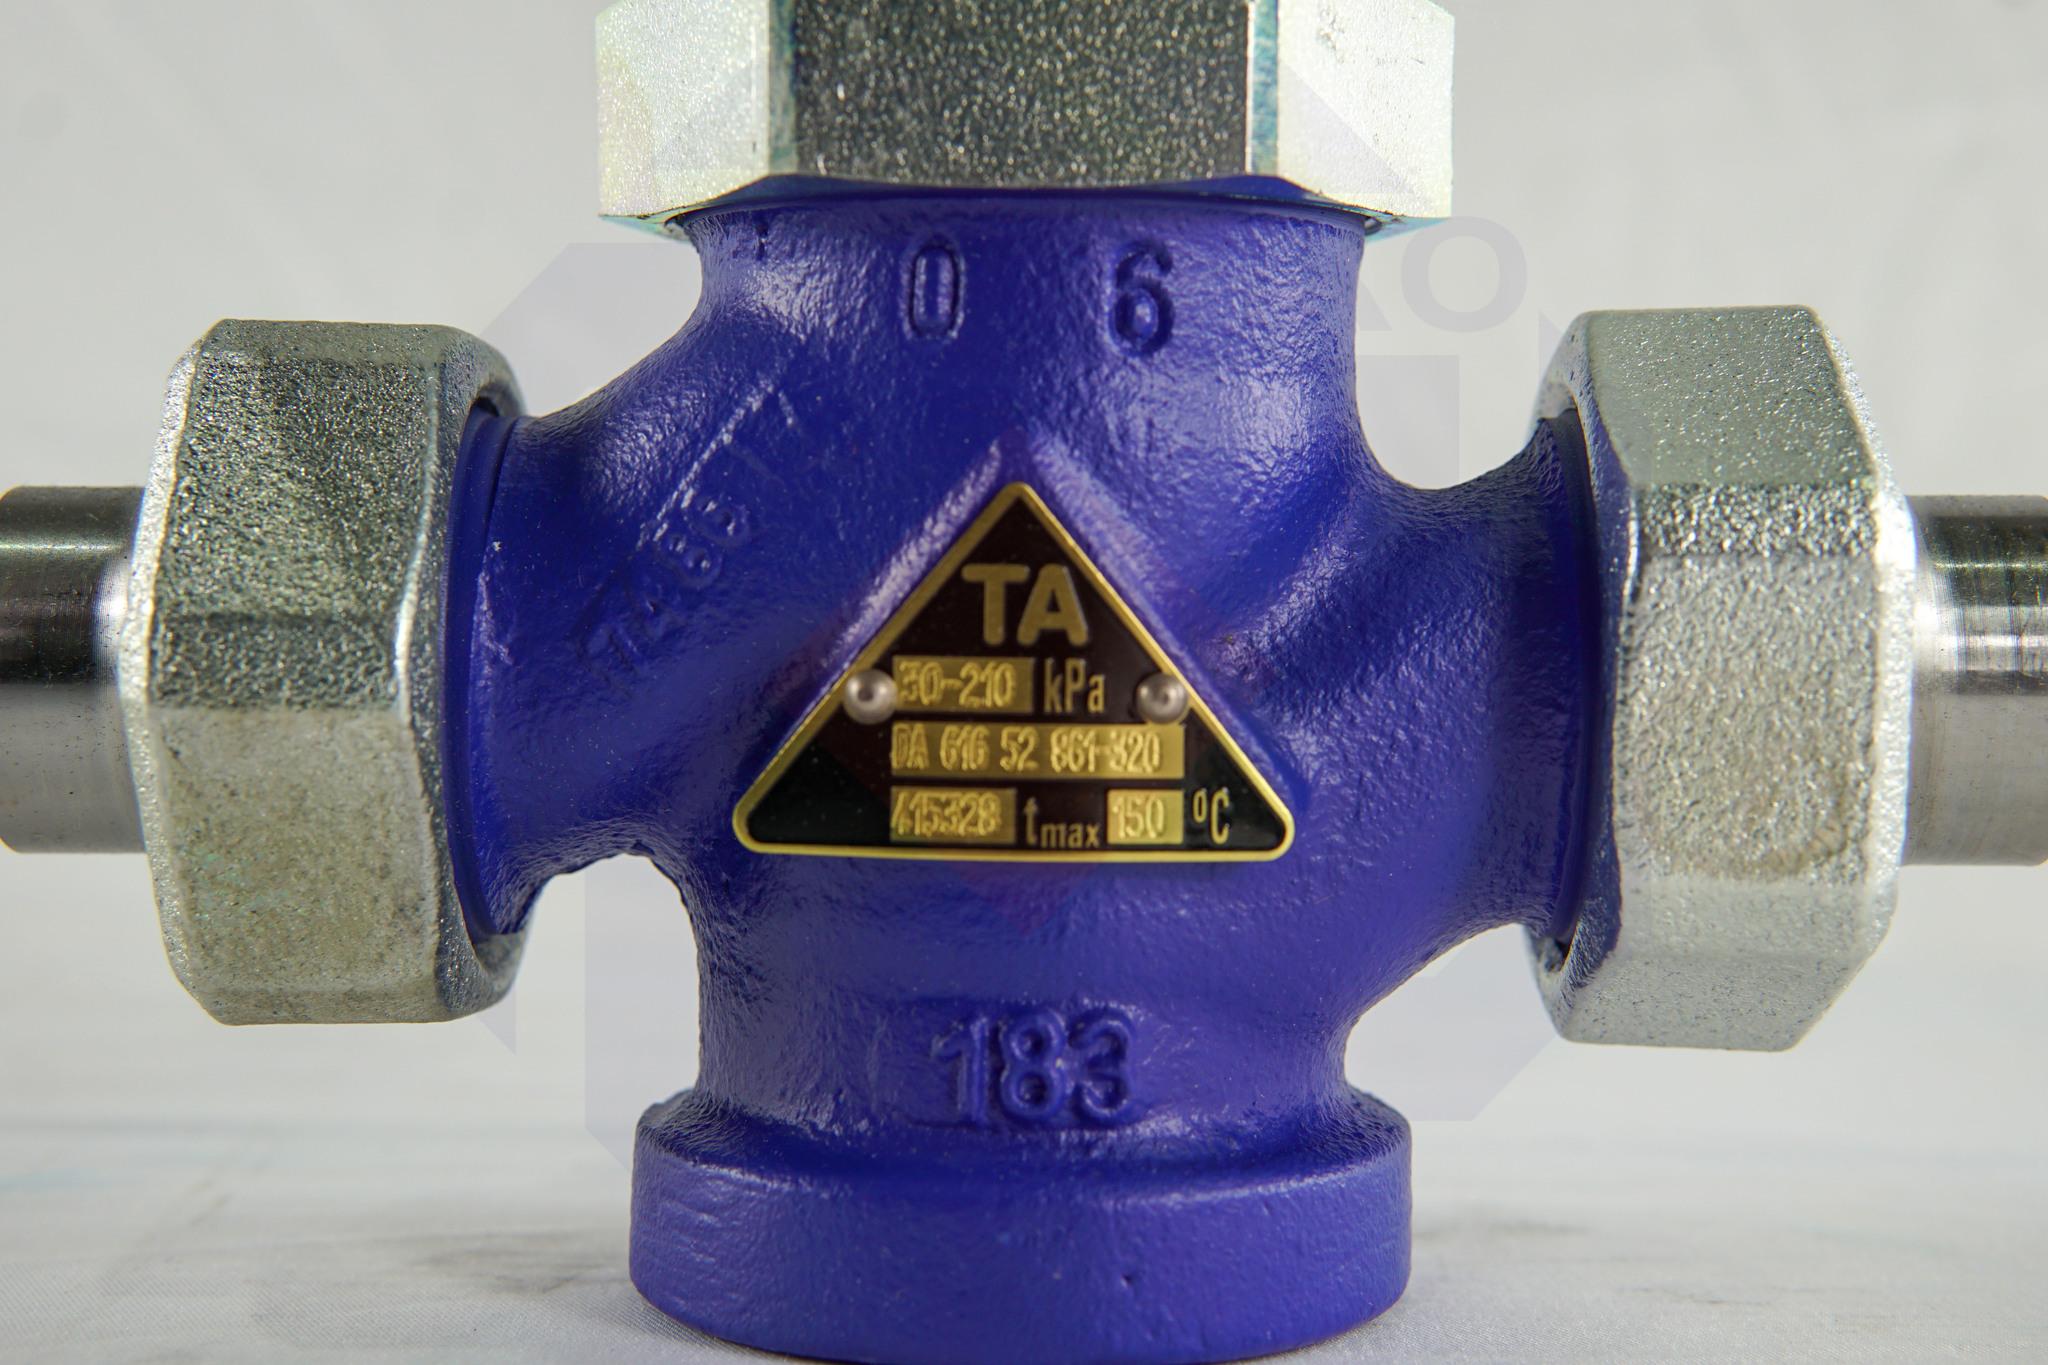 Регулятор перепада давления под приварку IMI DA 616 DN 20